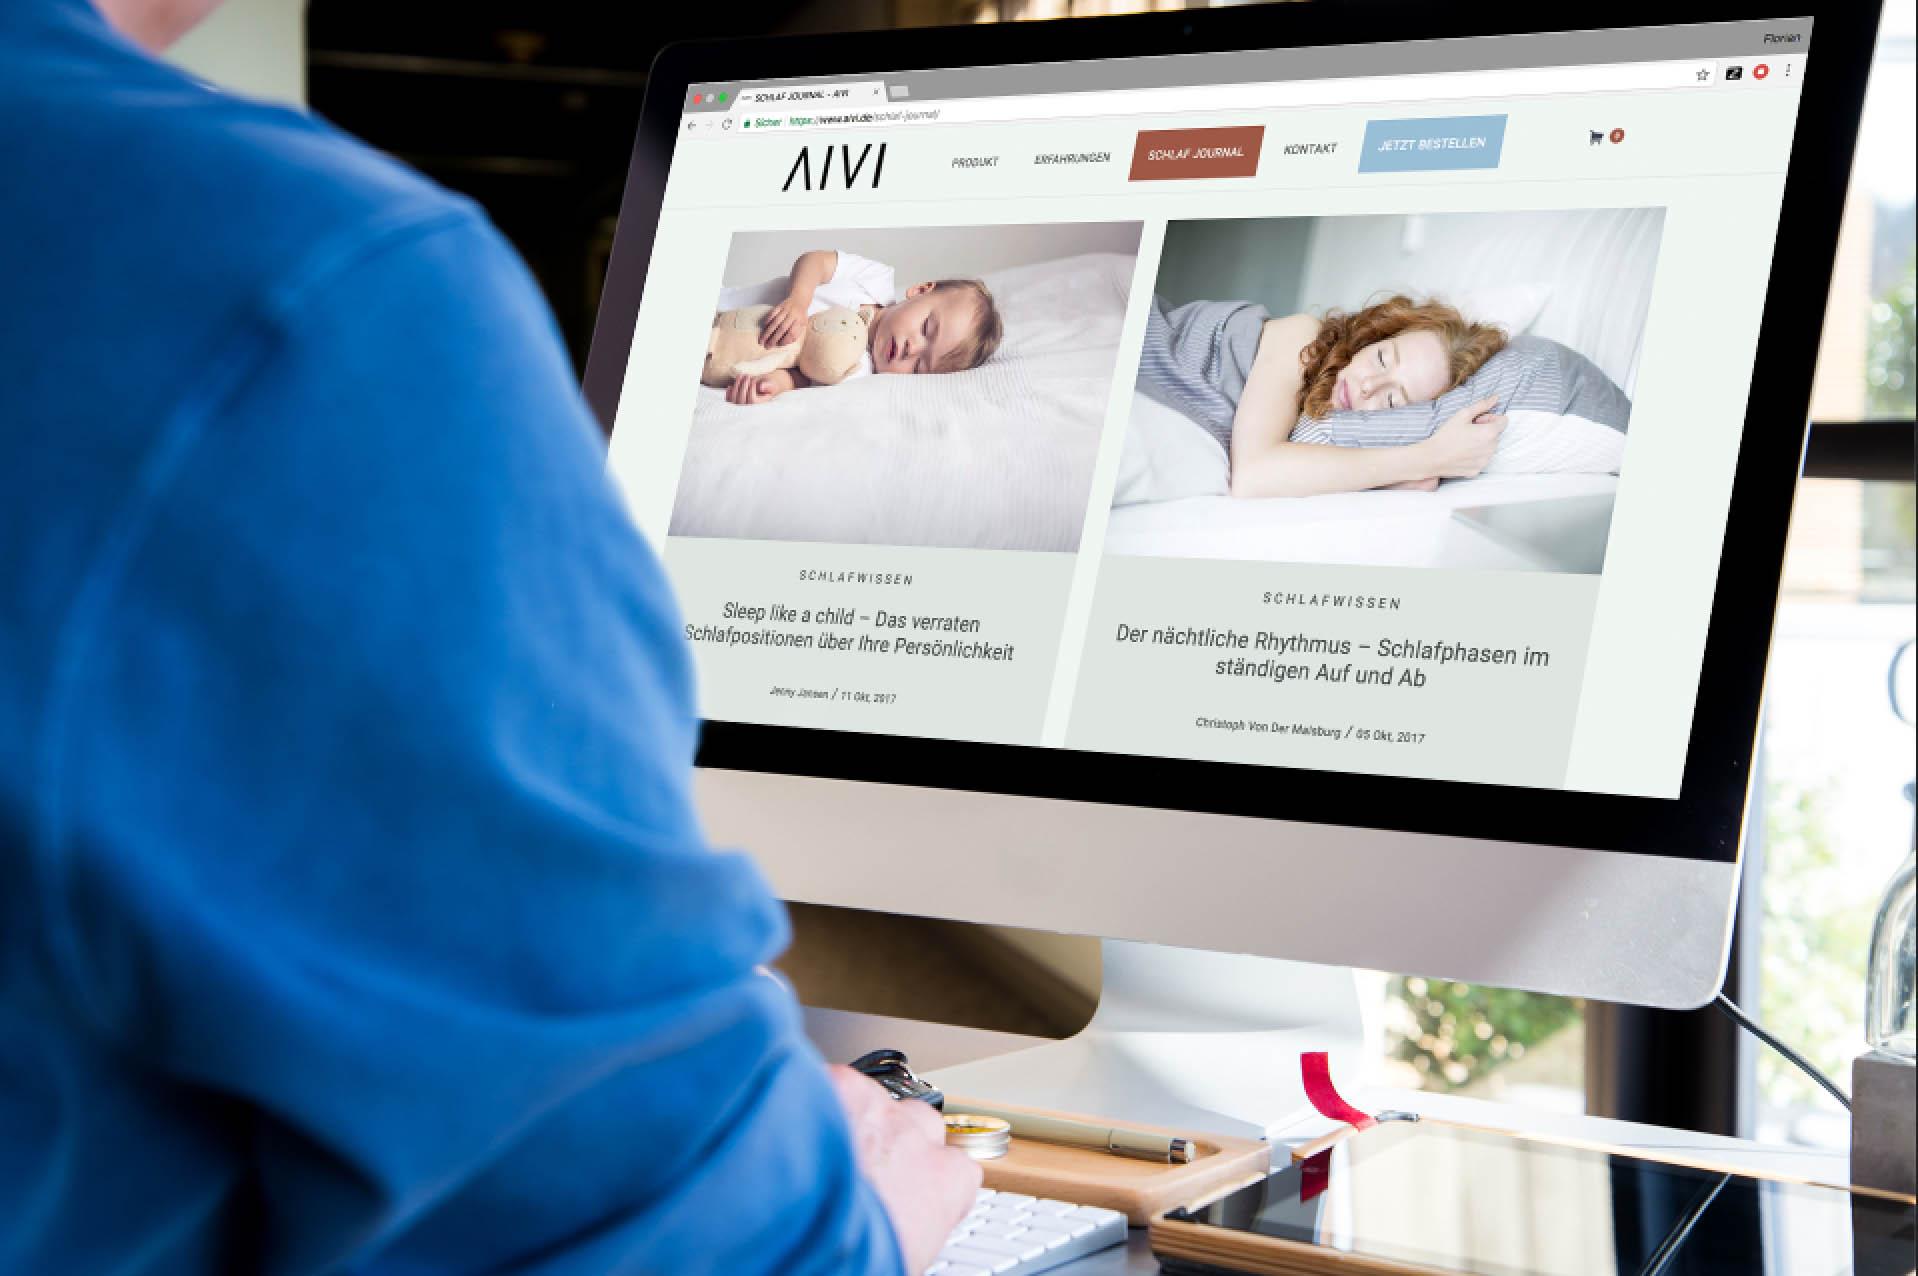 Content Guys Referenzen: AIVI.de